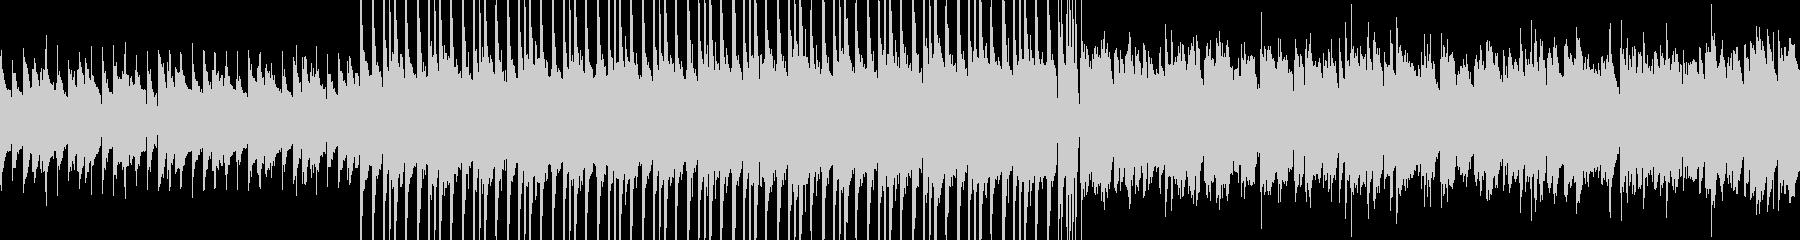 【ループ】ワイルド・ローテンポなロックの未再生の波形